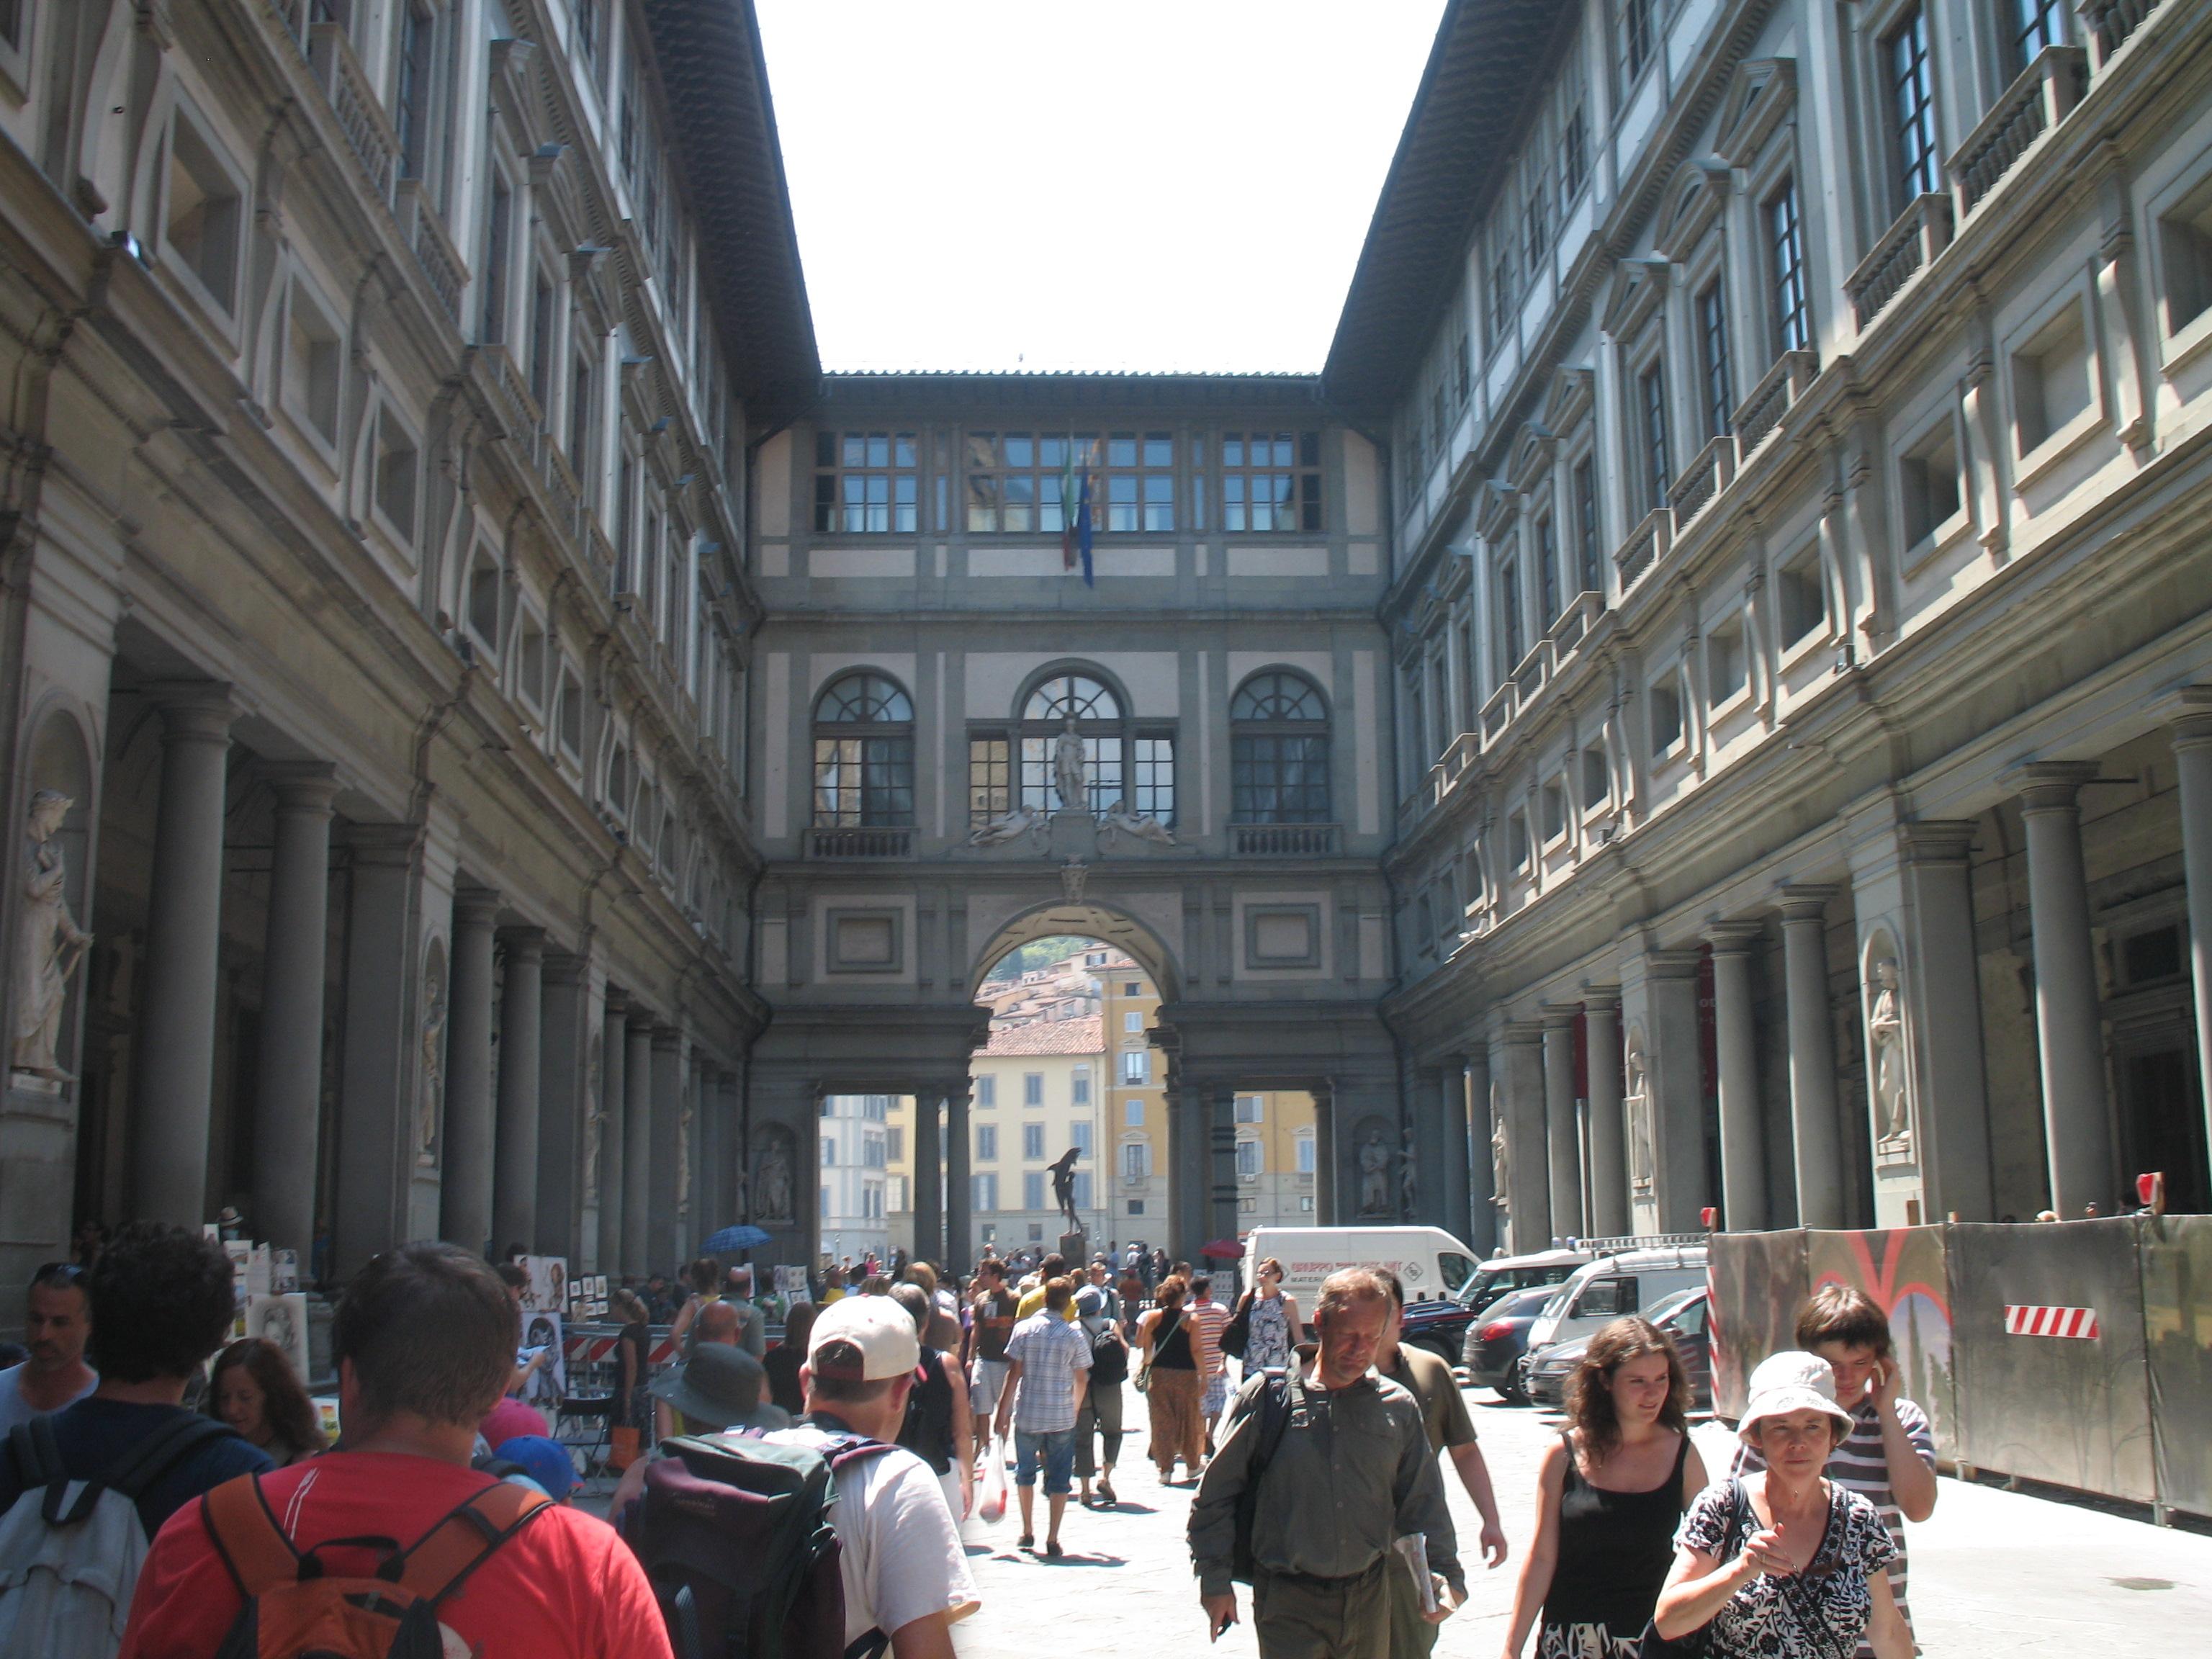 Galerie des offices voyages en italie - Galerie des offices a florence ...